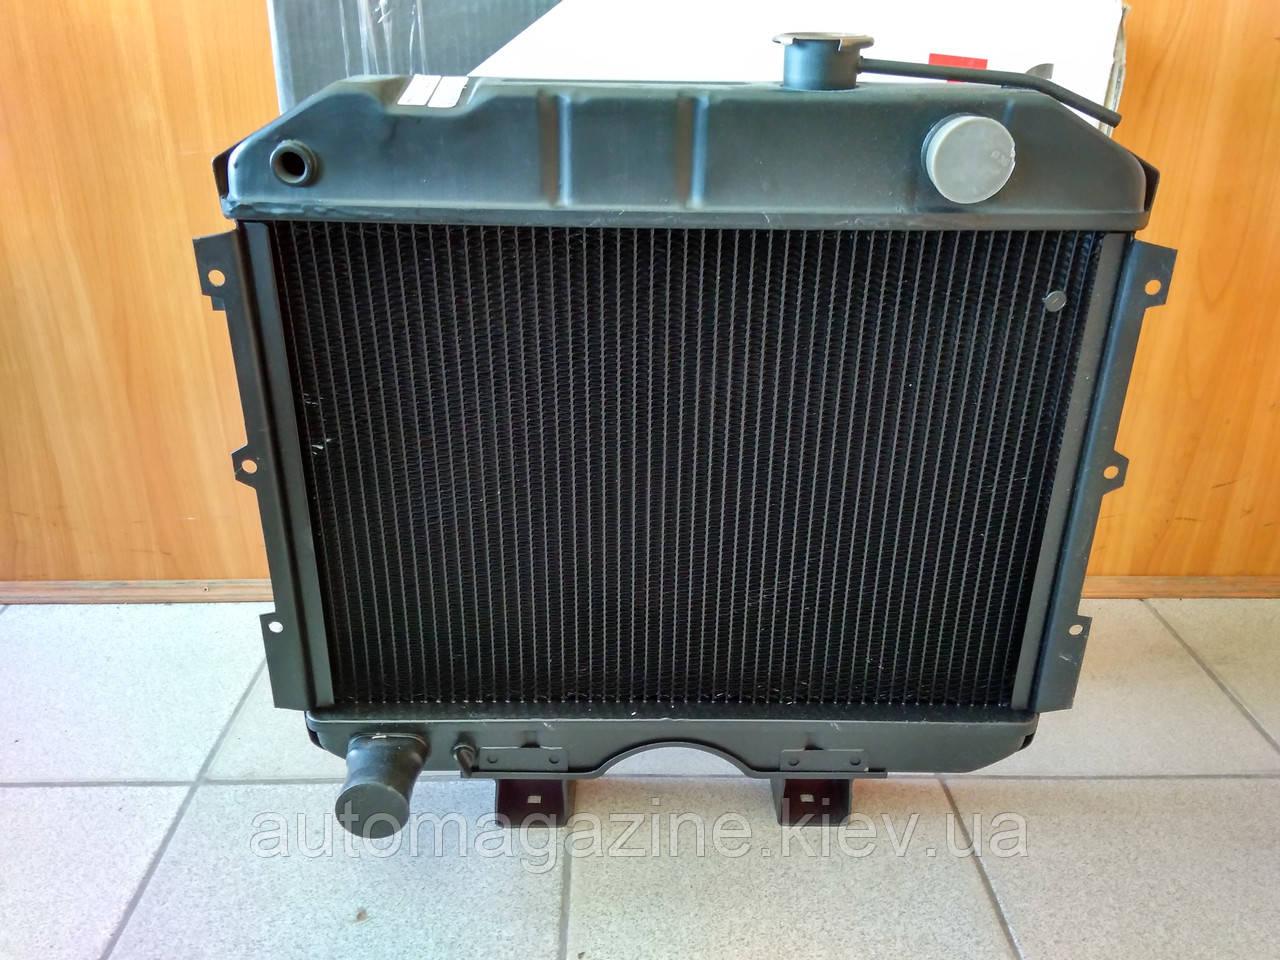 Радиатор охлаждения медный УАЗ (3-х рядный)